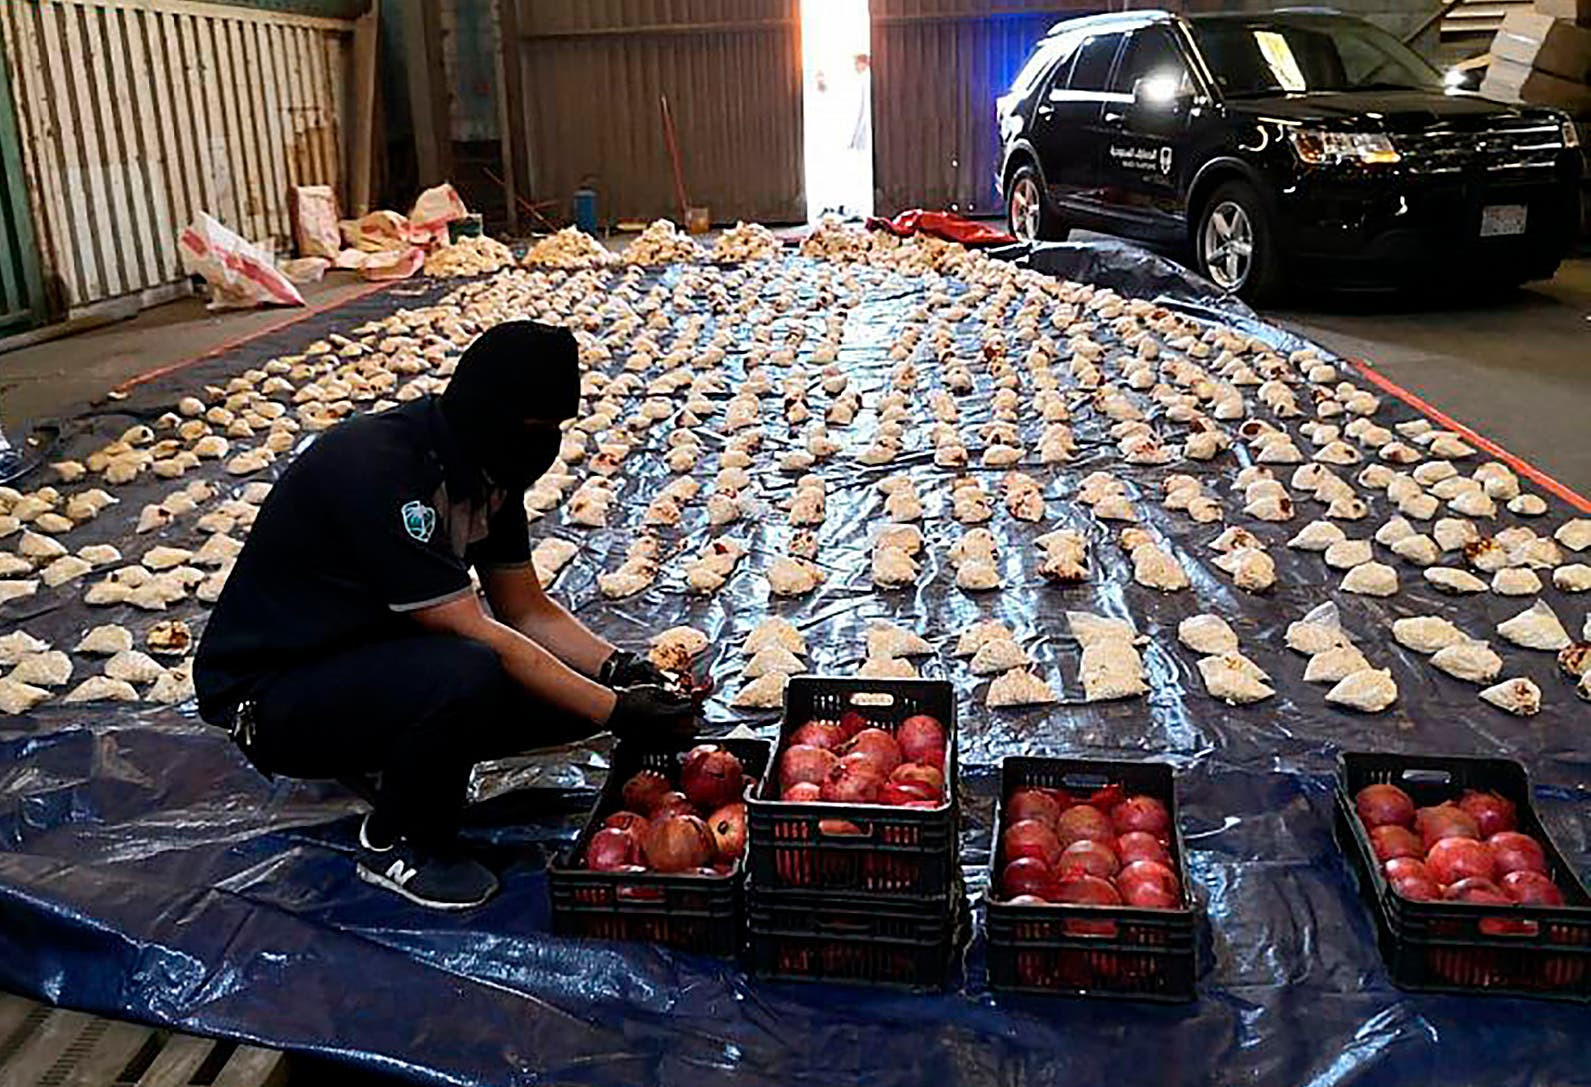 ضبط مخدرات في السعودية بشحنة من فواكه الرمان آتية من لبنان